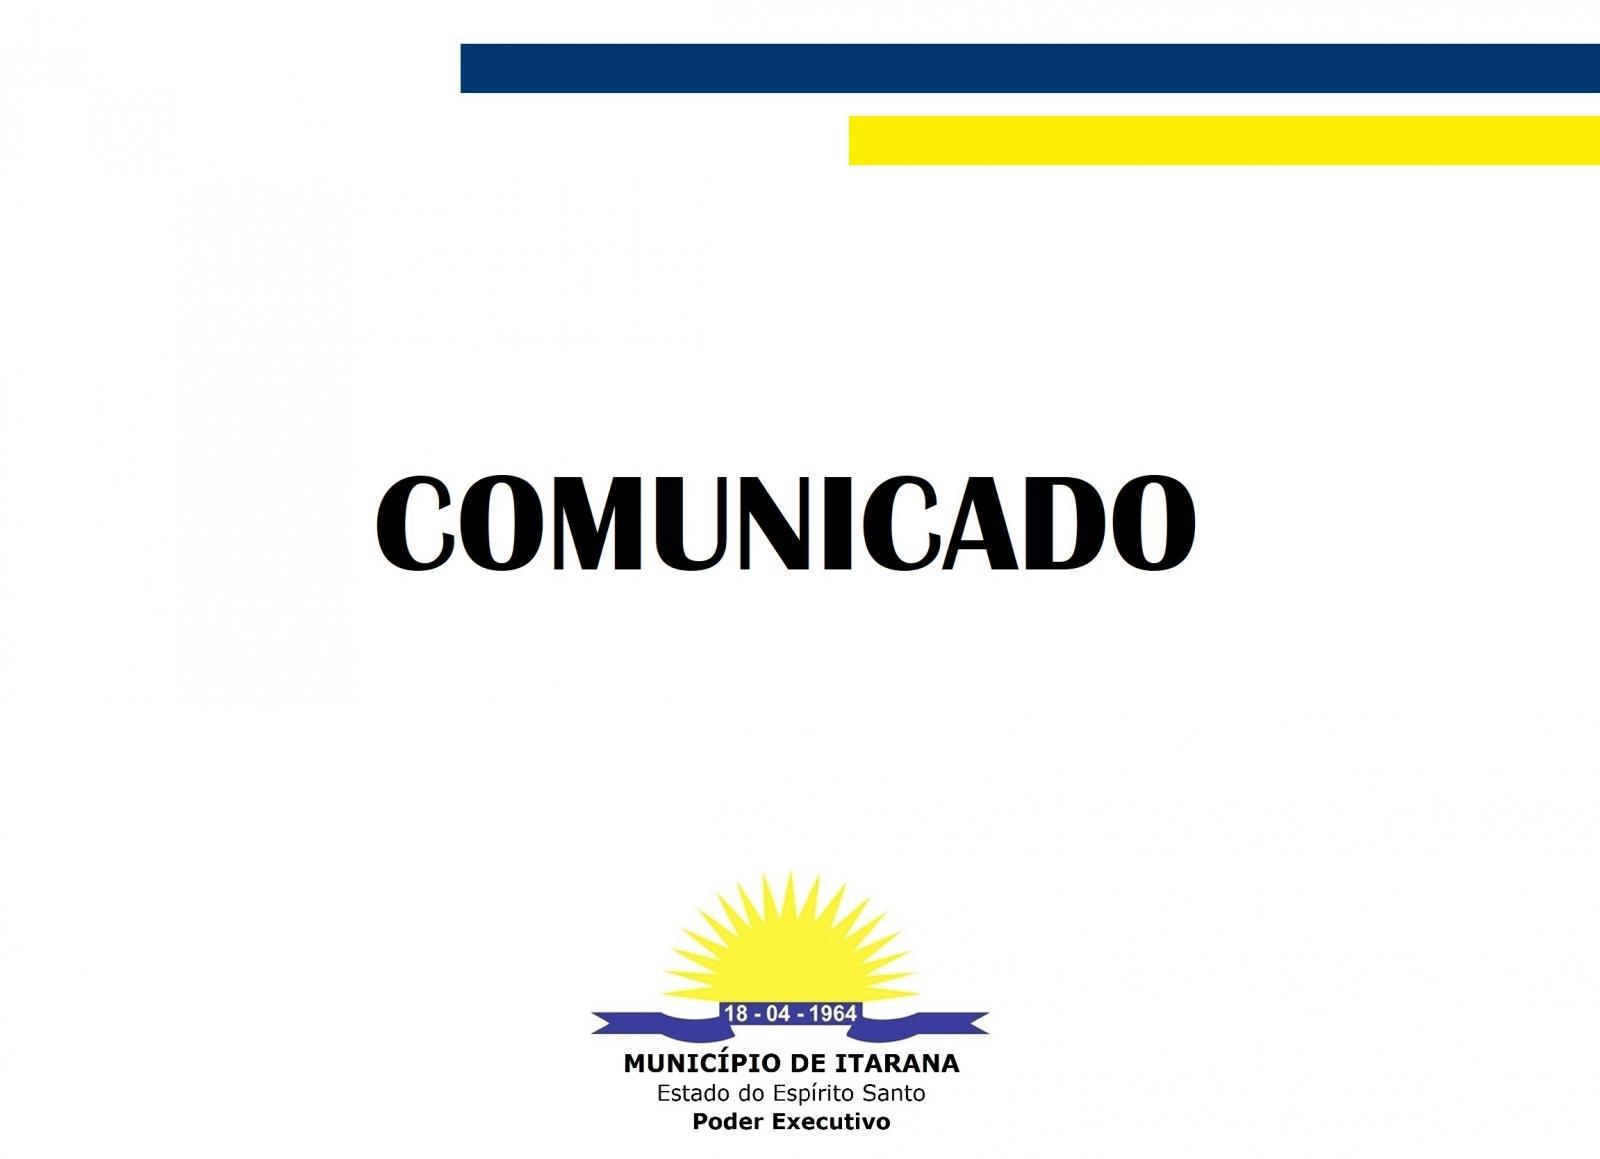 Comunicado - Data e local das vagas em regime de designação temporária para professores no exercício de 2020